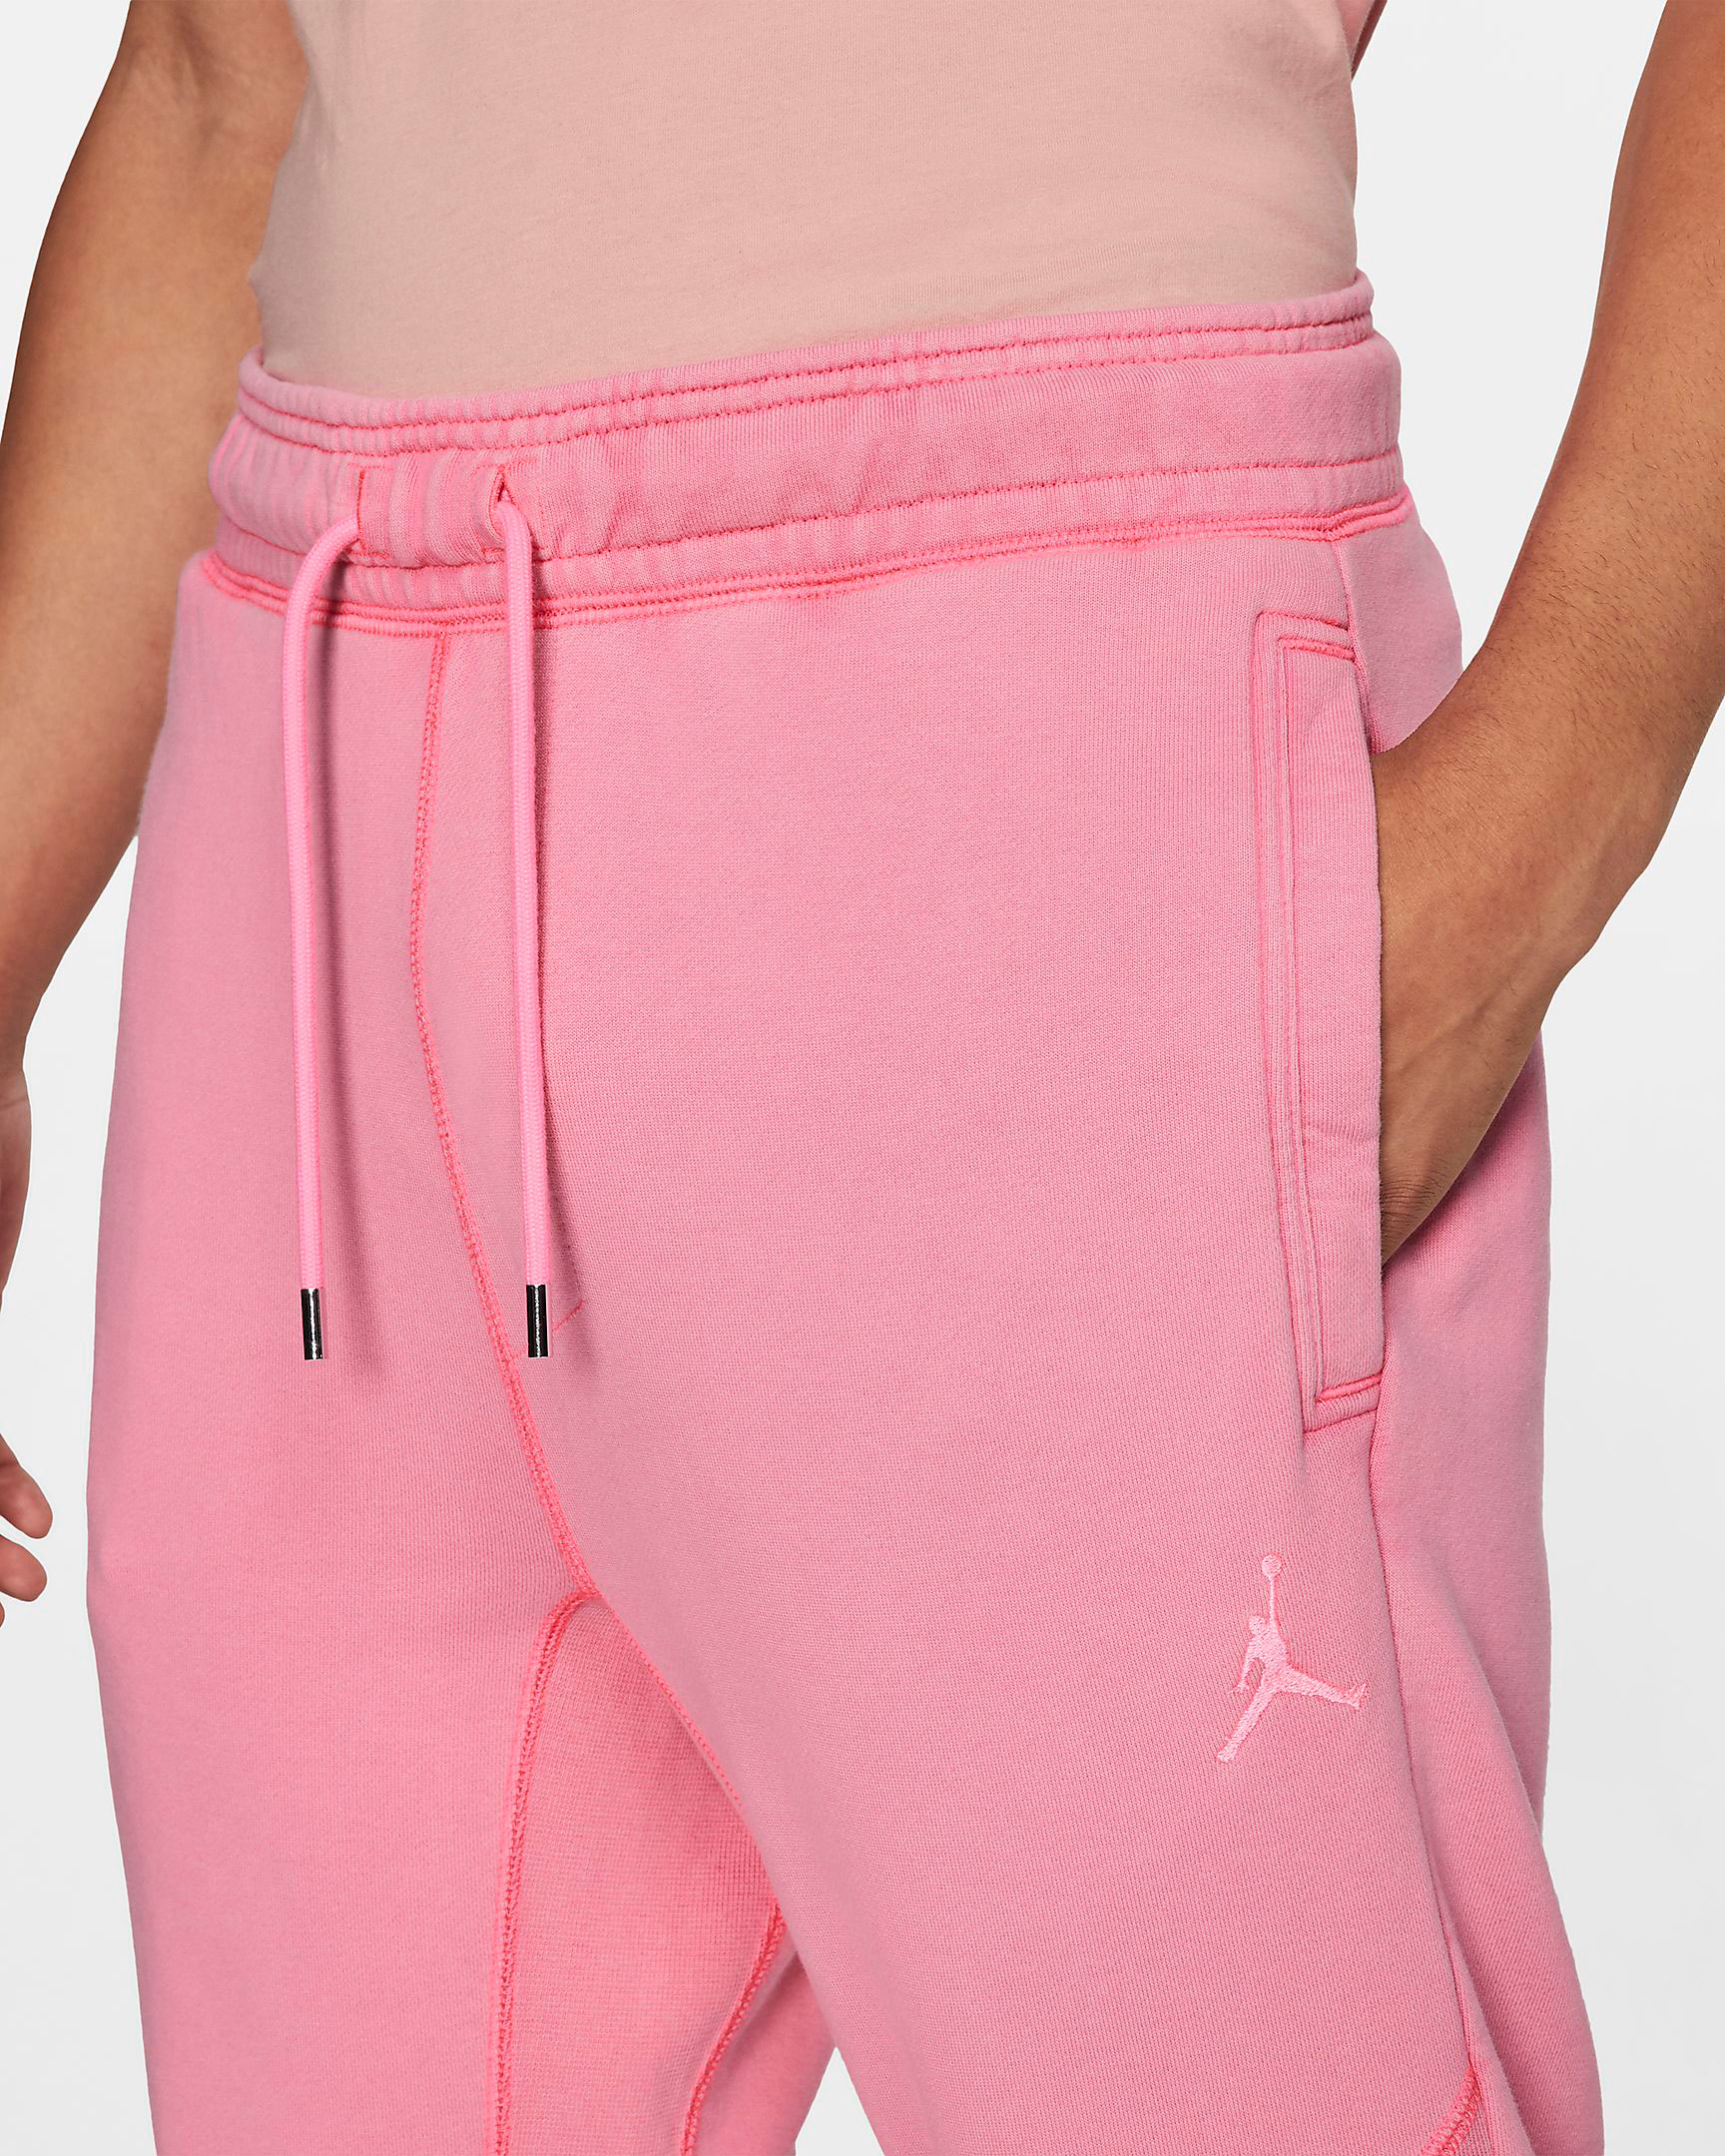 jordan-1-bio-hack-jogger-pant-match-pink-1